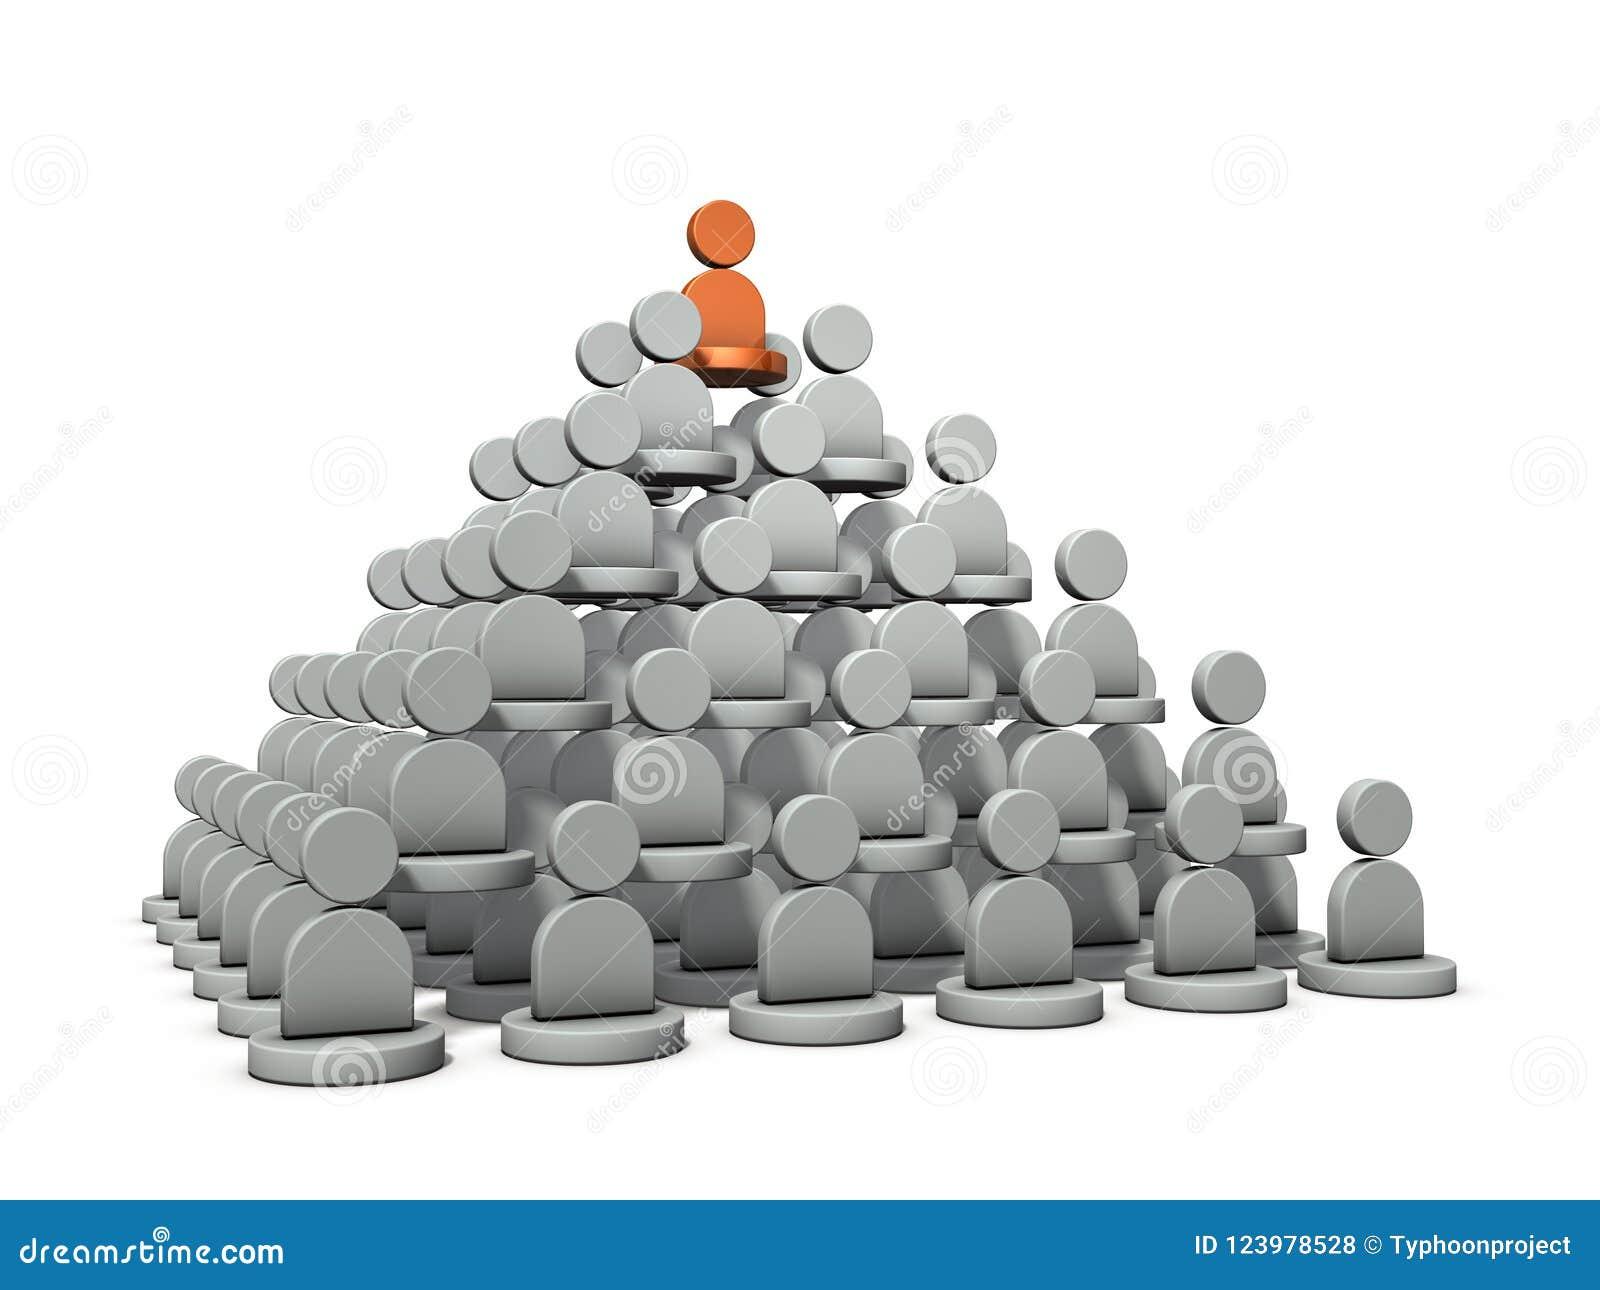 它是金字塔结构,力量等级  它代表组织的结构